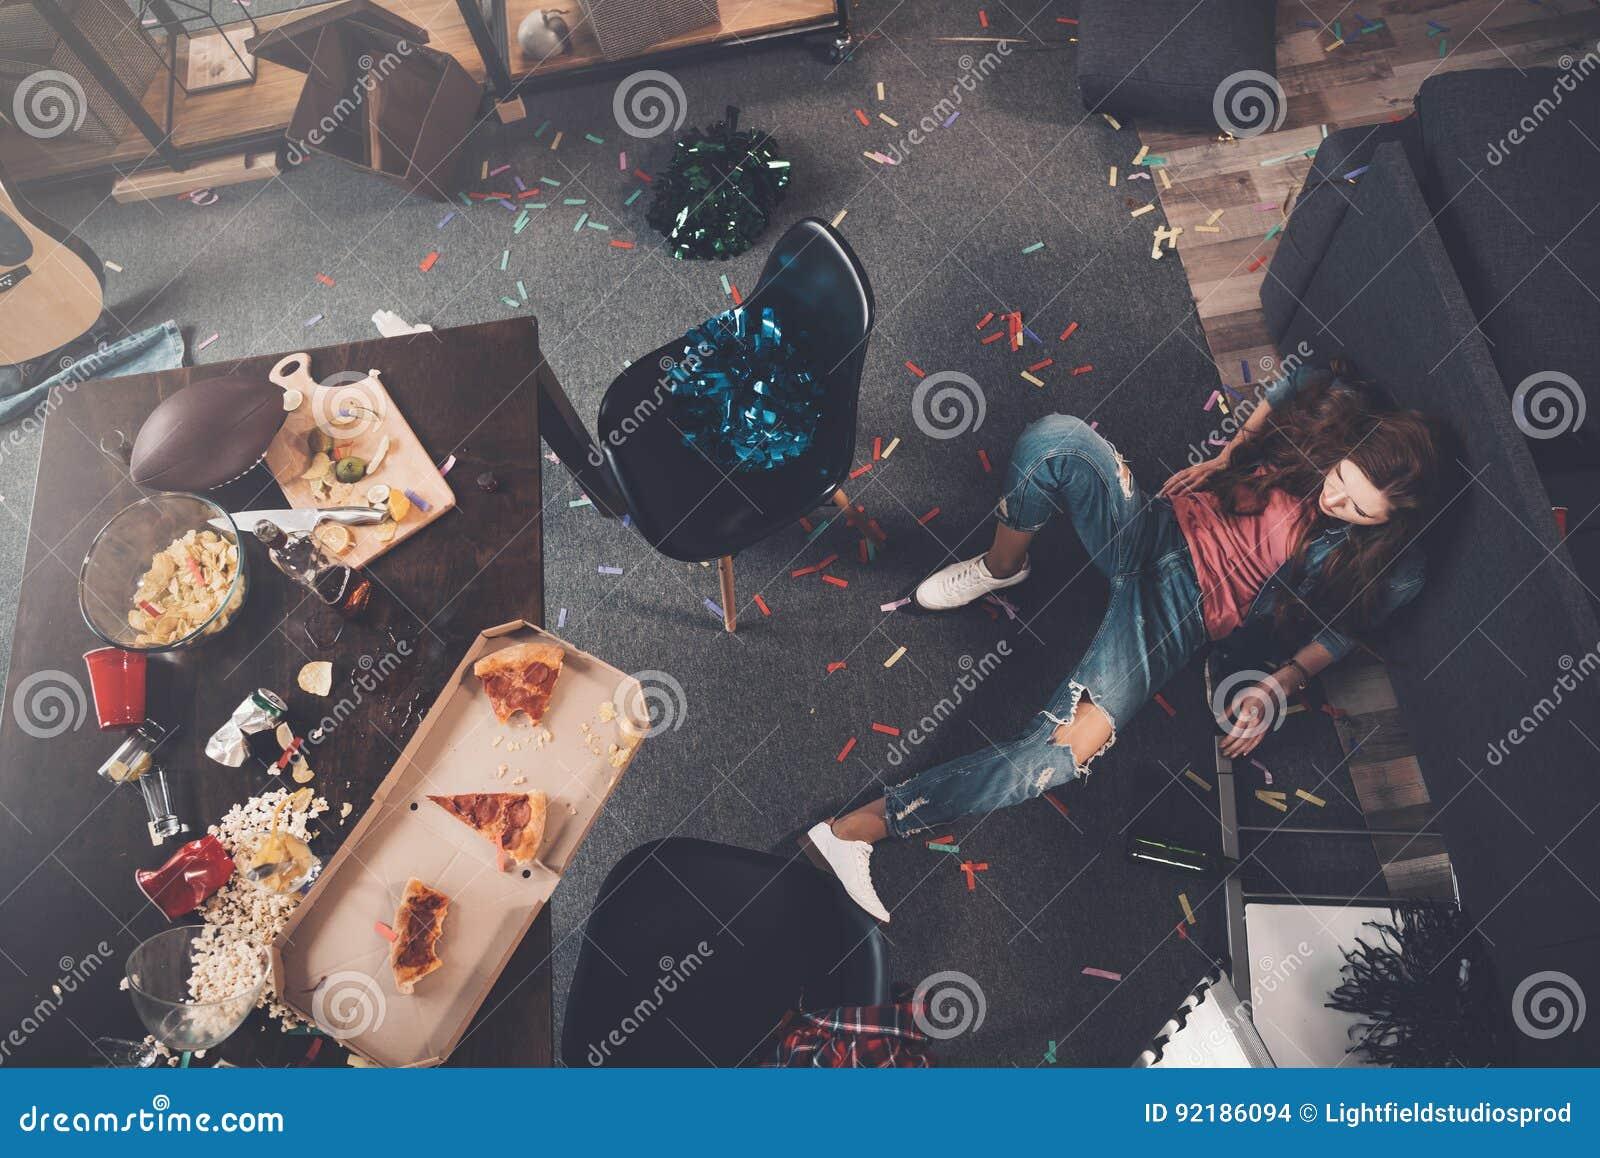 Barn drucken kvinna som ligger på golv i smutsigt rum